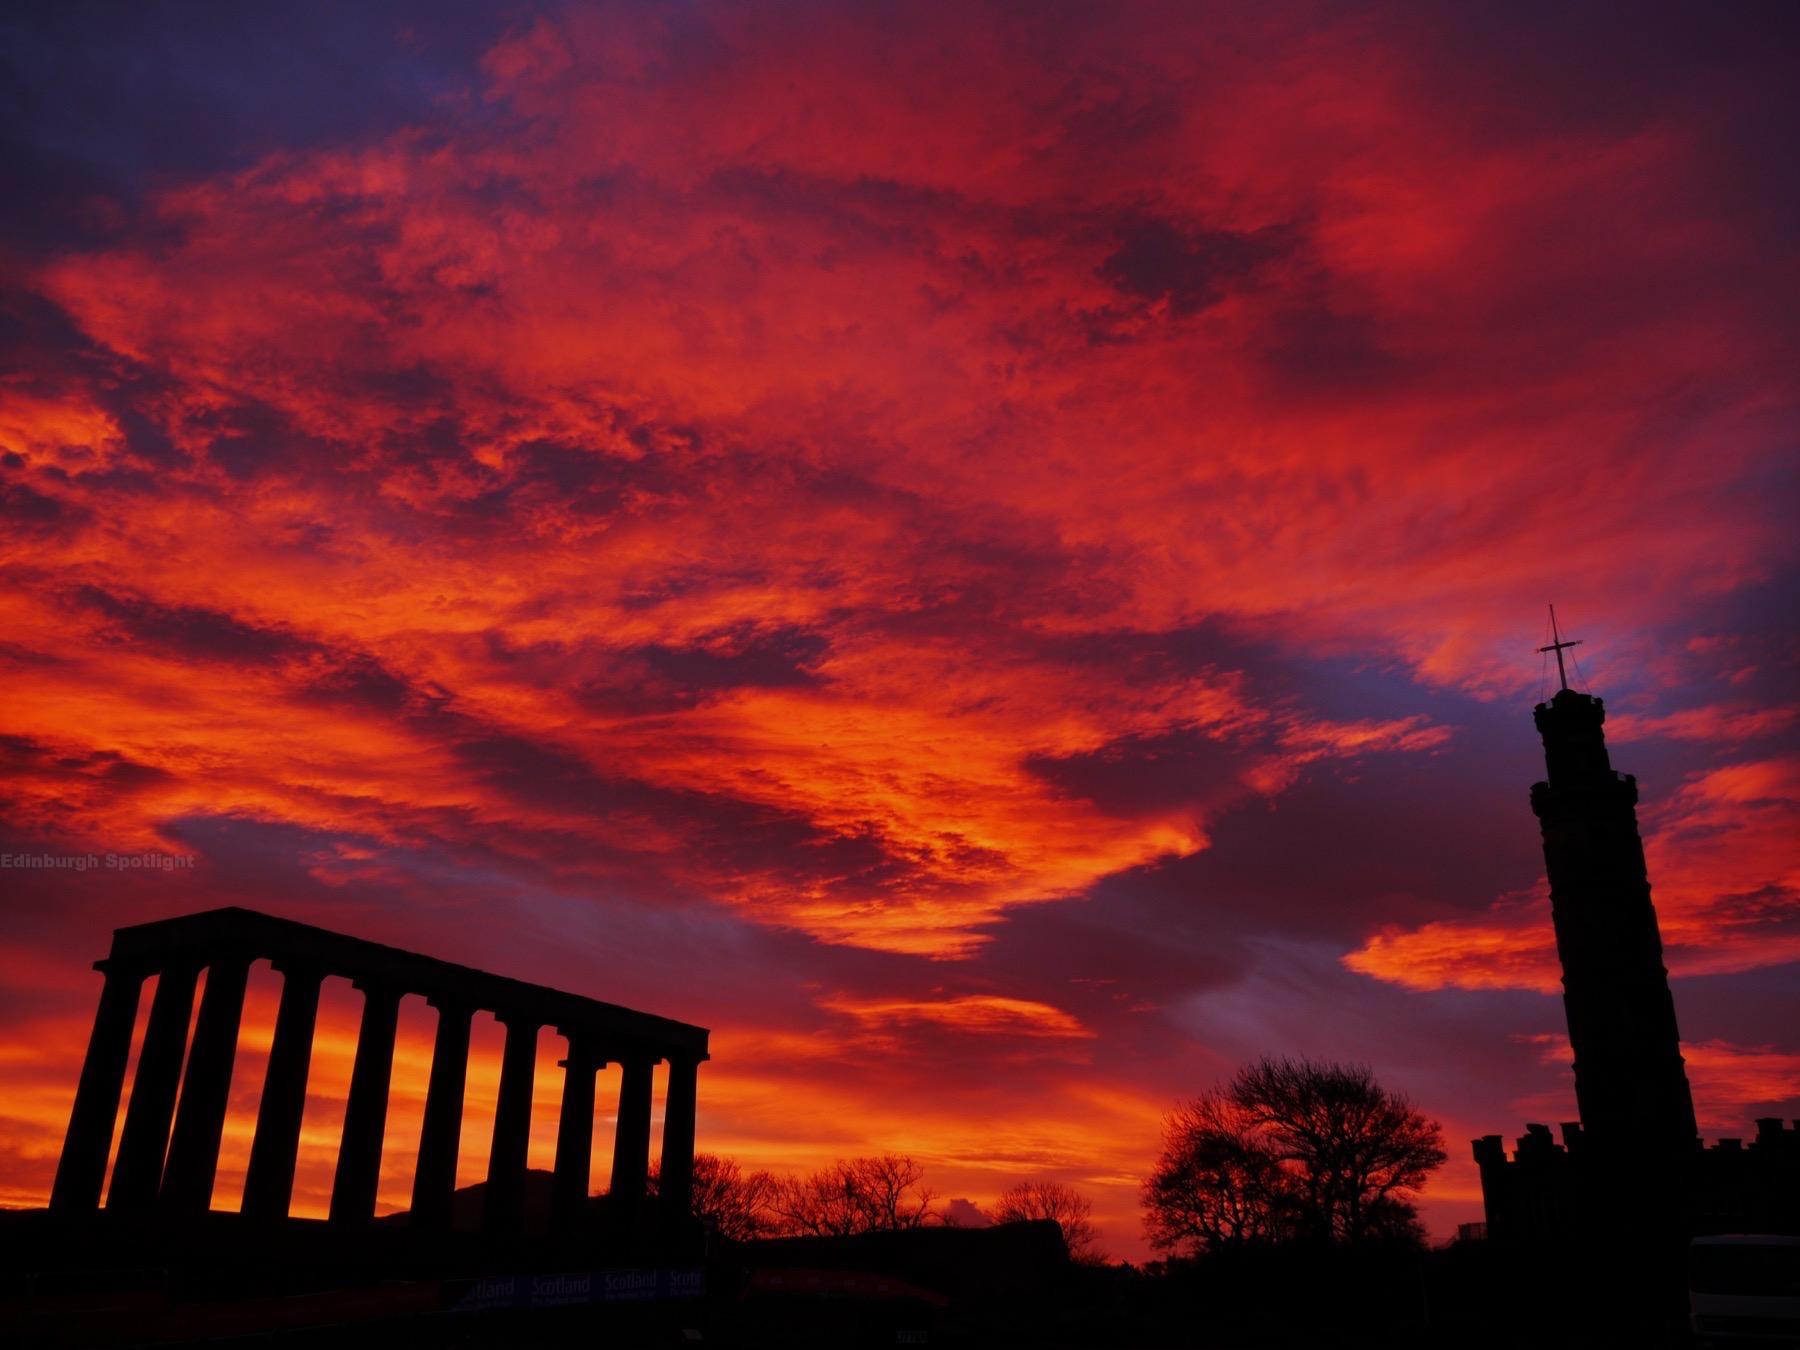 Edinburgh PHOTOS Winter 201415 in Edinburgh Edinburgh Spotlight